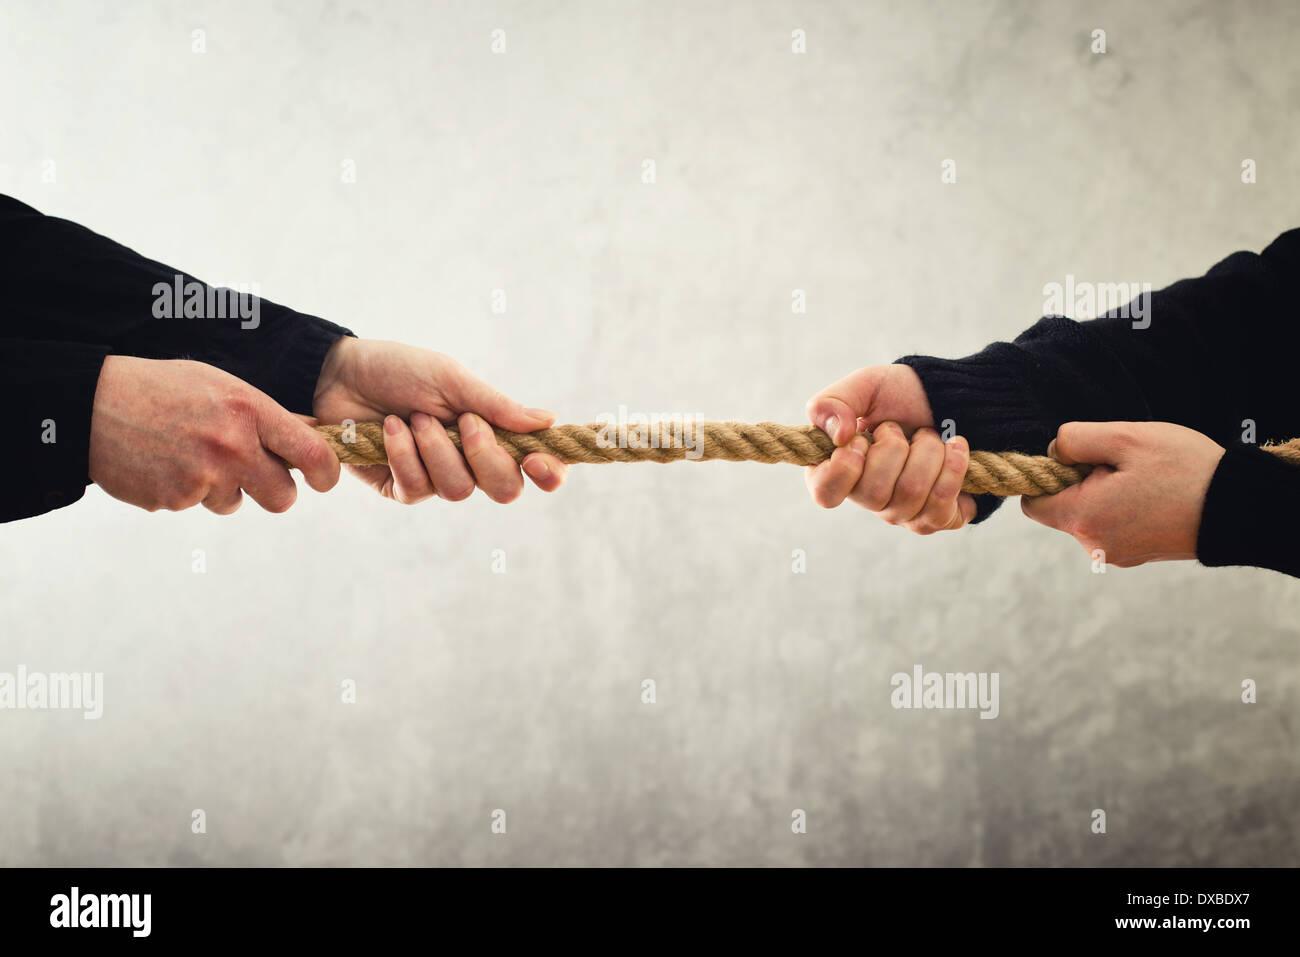 Rimorchiatore di guerra. Mani femminili tirando la corda di lati opposti. Concetto di rivalità. Immagini Stock